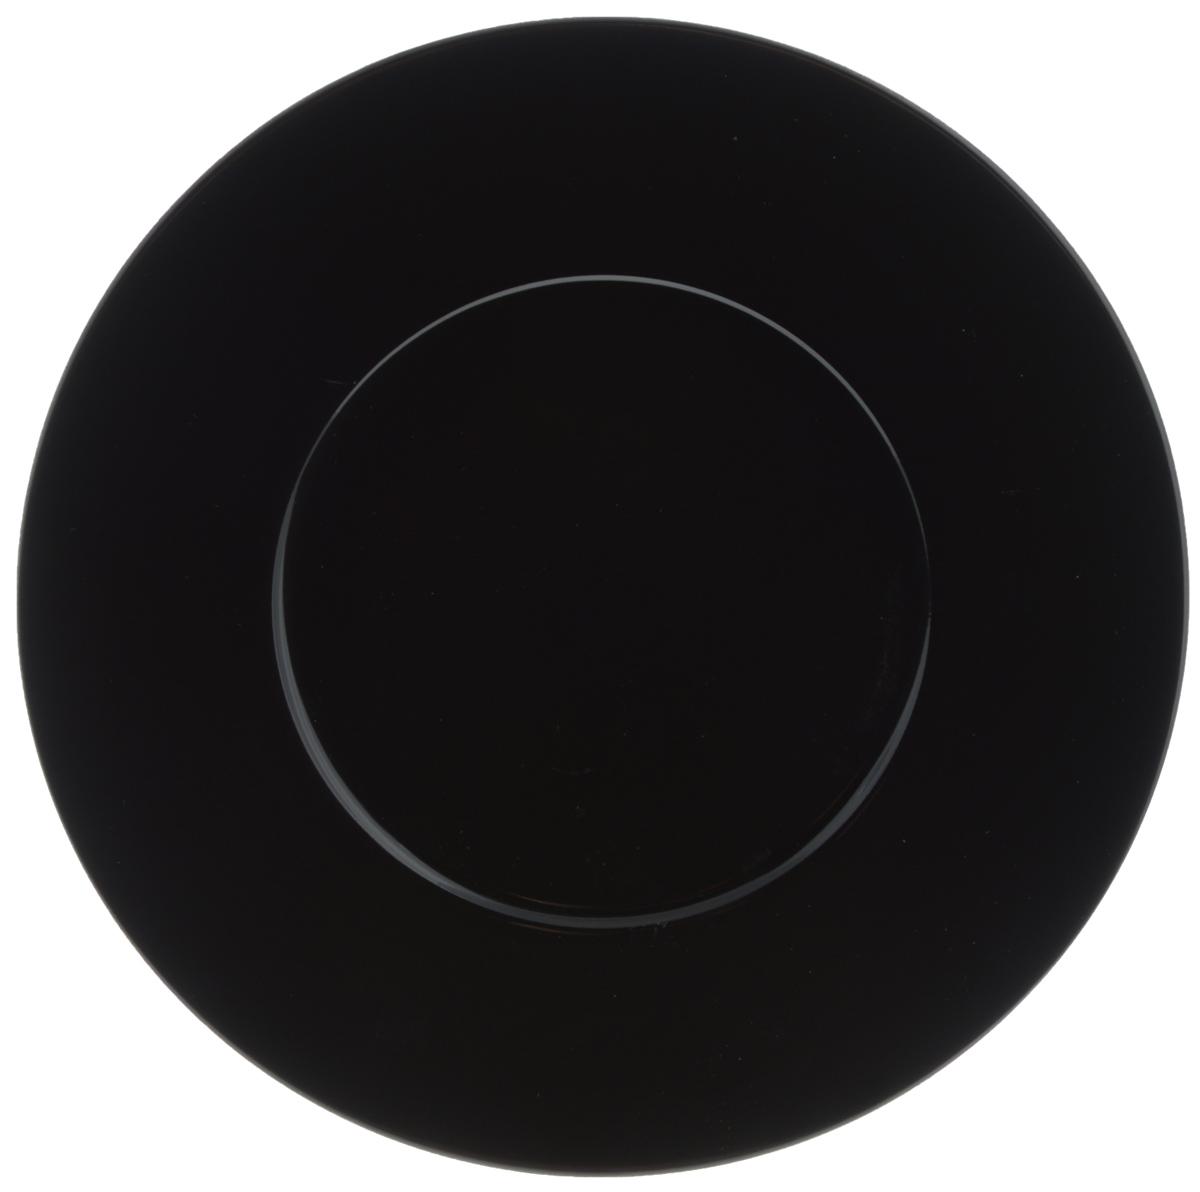 Тарелка обеденная Yves De La Rosiere Putoisage, цвет: черный, диаметр 27 см507754Обеденная тарелка Yves De La Rosiere Putoisage, изготовленная из высококачественного фарфора,имеет изысканный внешний вид. Такой дизайн придется по вкусу и ценителям классики,и тем, кто предпочитает утонченность. Тарелка Yves De La Rosiere Putoisage идеально подойдет для сервировкистола и станет отличным подарком к любому празднику.